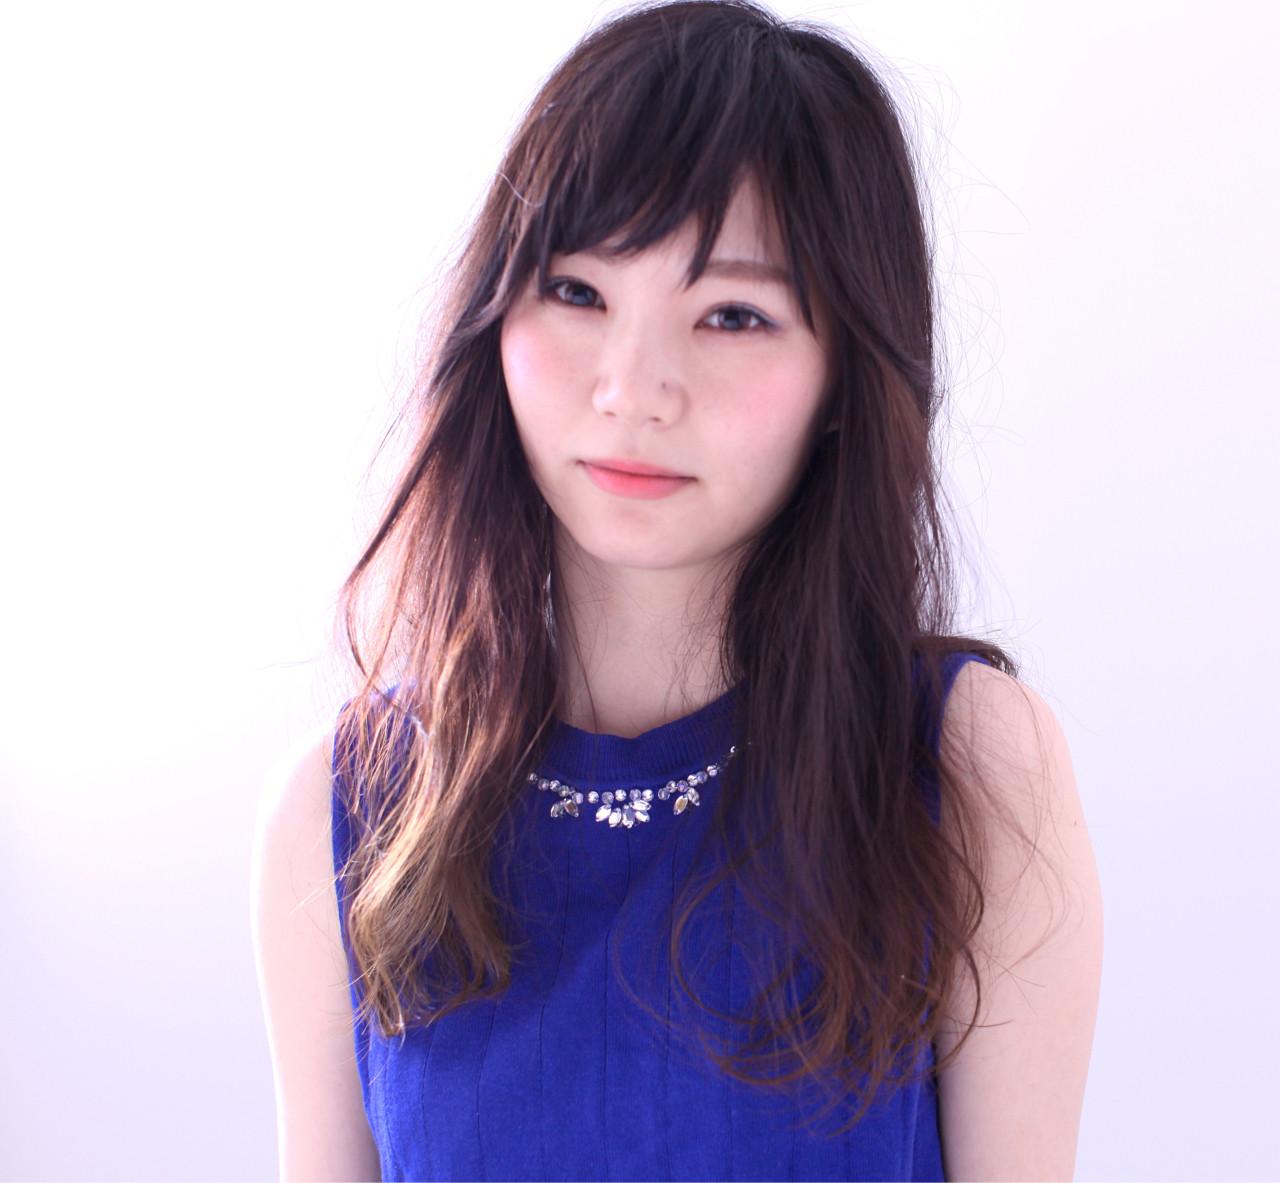 黒髪 フェミニン 前髪あり ロング ヘアスタイルや髪型の写真・画像 | CHEST小西剛 / CHEST姫路店